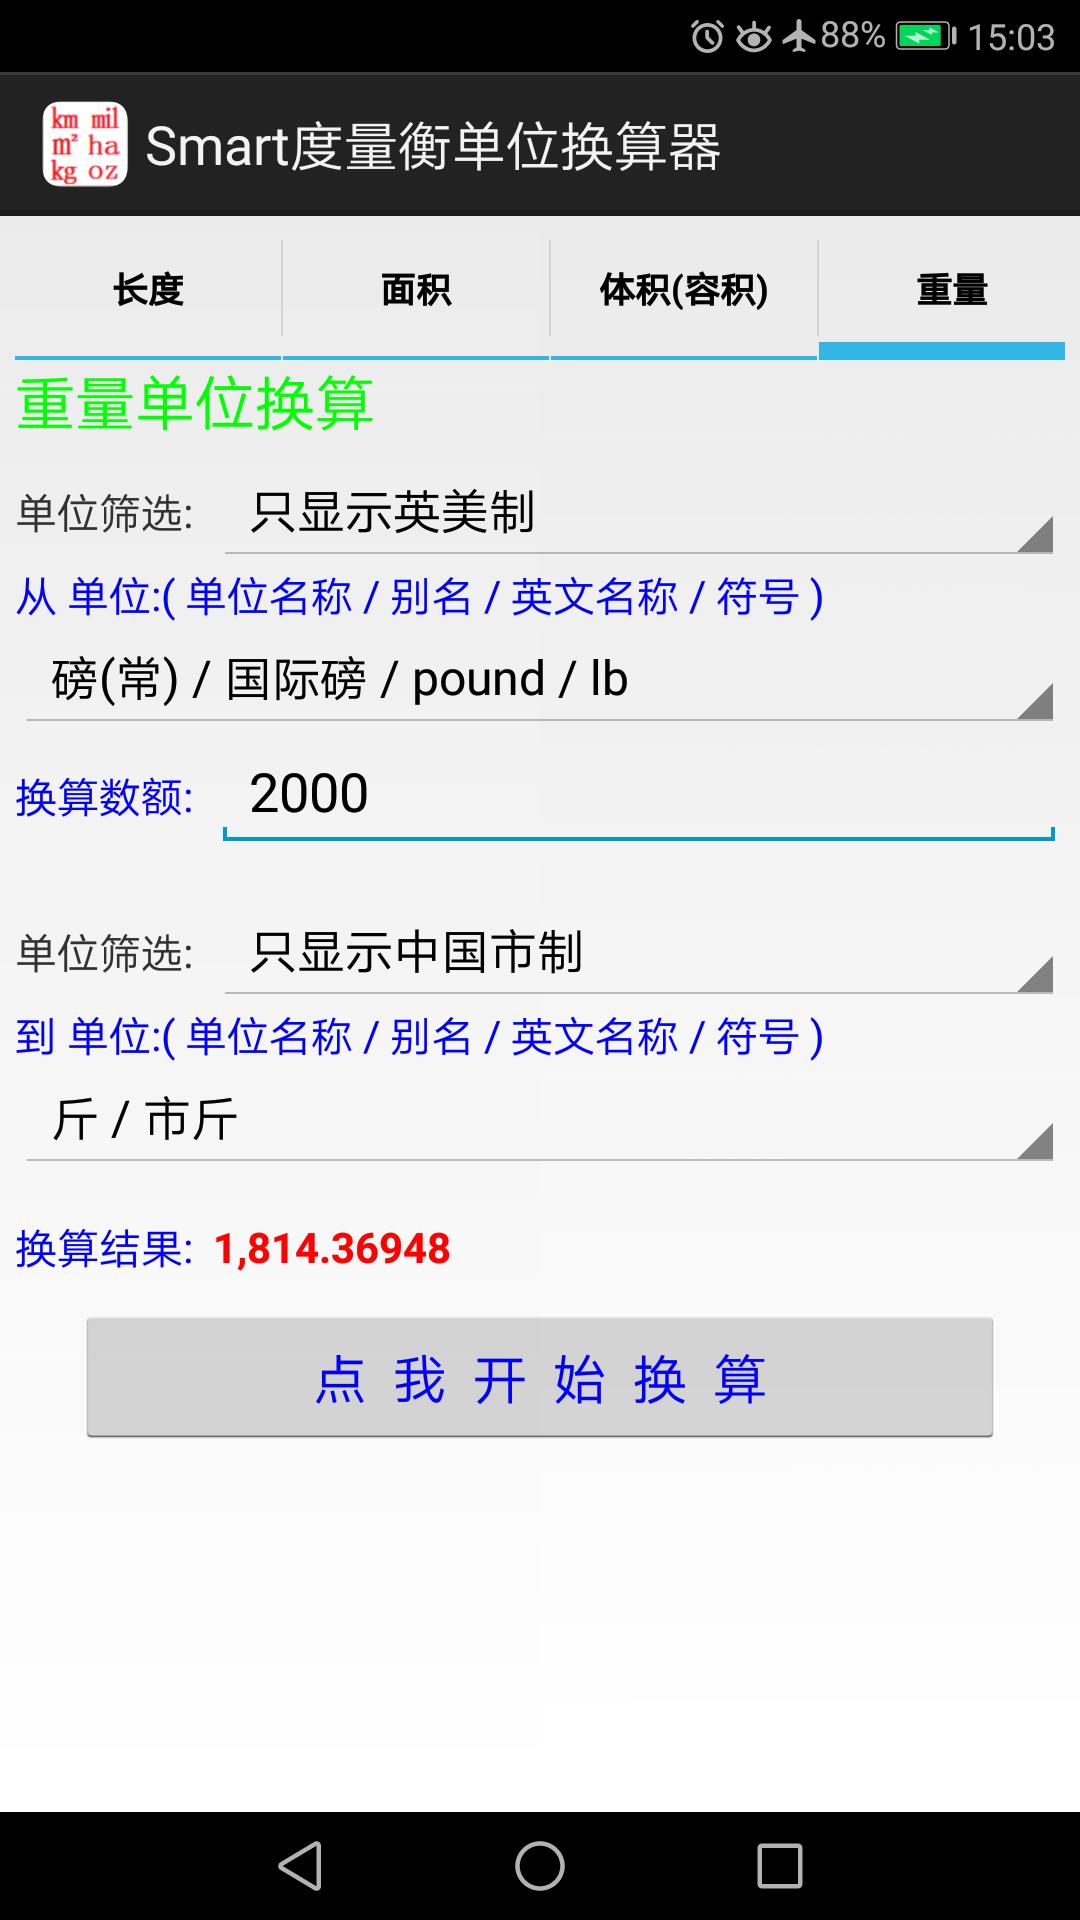 Screenshot_磅 vs 市斤.png